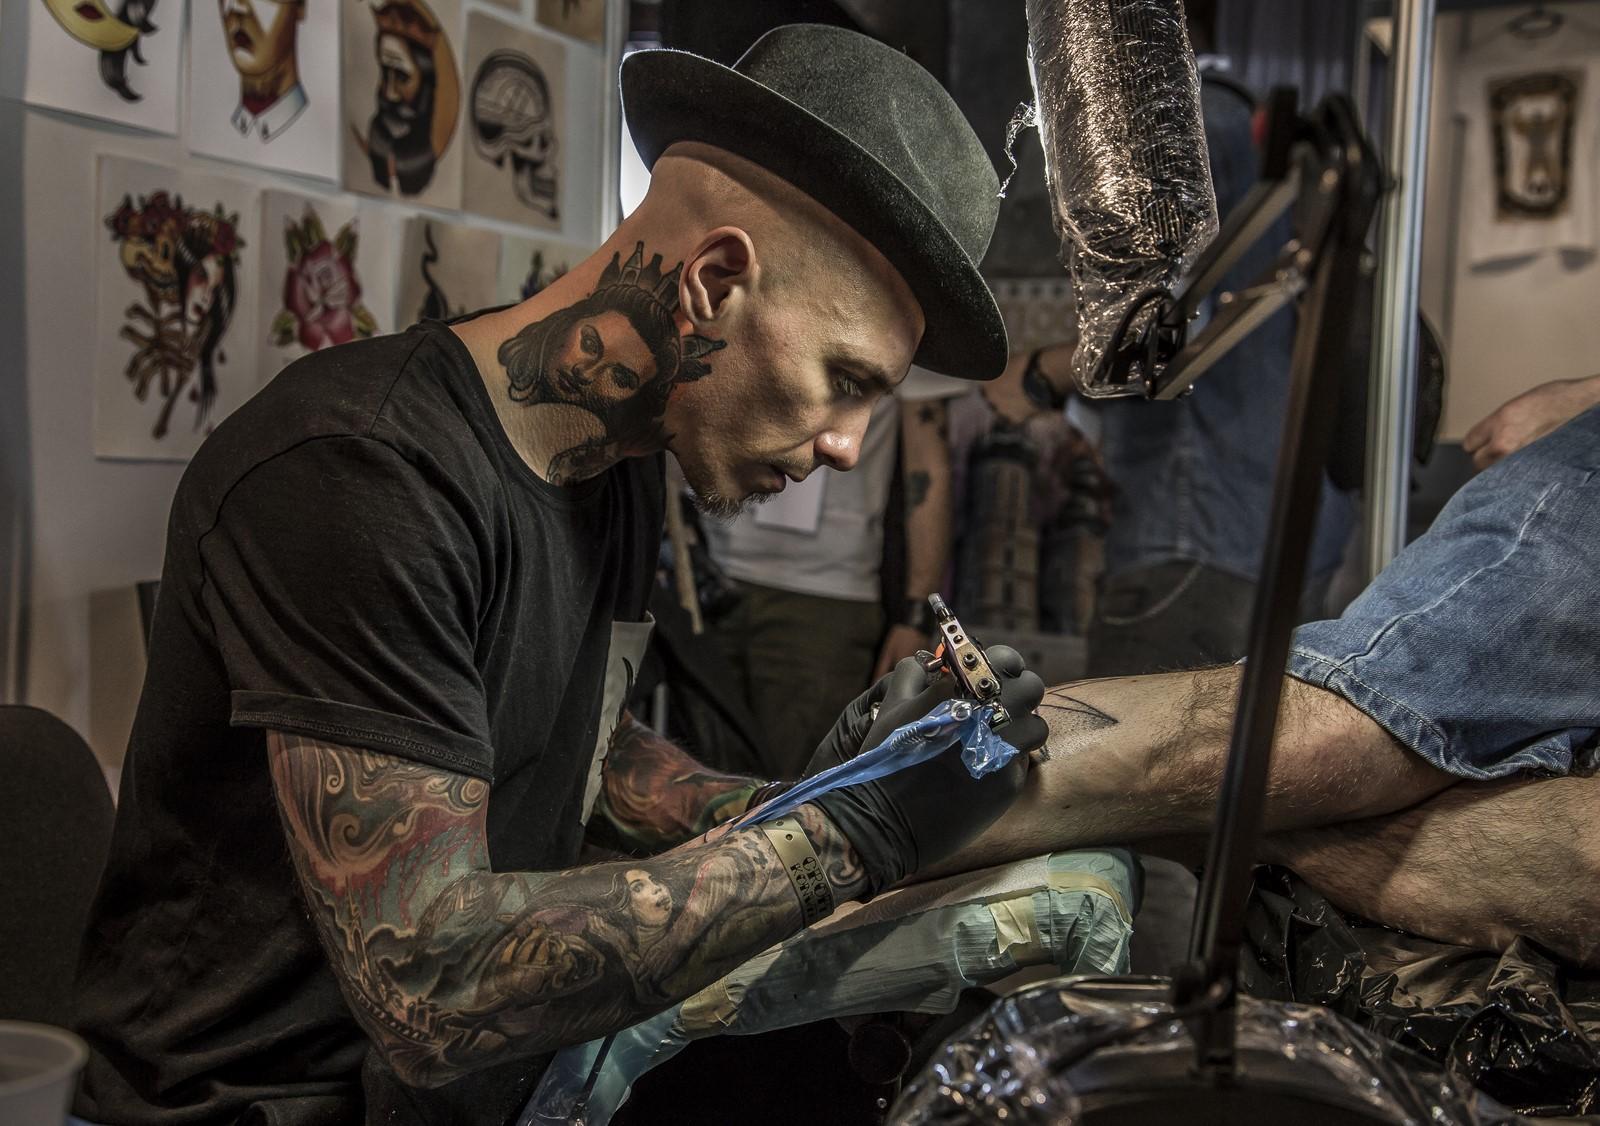 Mężczyzna w tatuażach, tatuujący czyjąś rękę